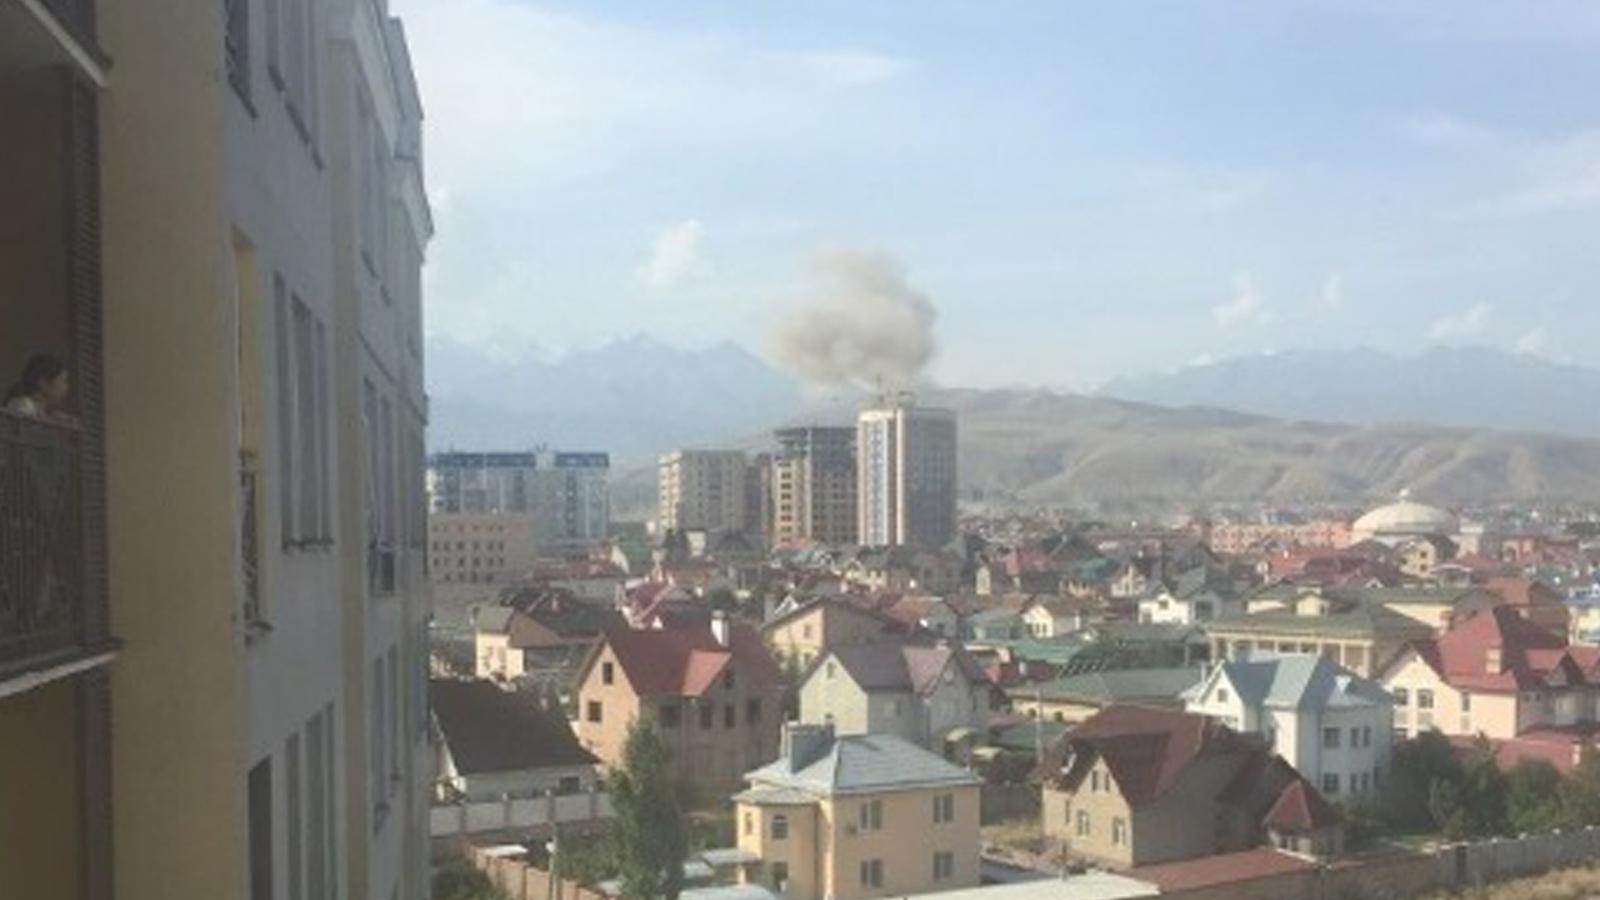 中国驻吉尔吉斯斯坦大使馆遭汽车炸弹袭击 至少1死2伤